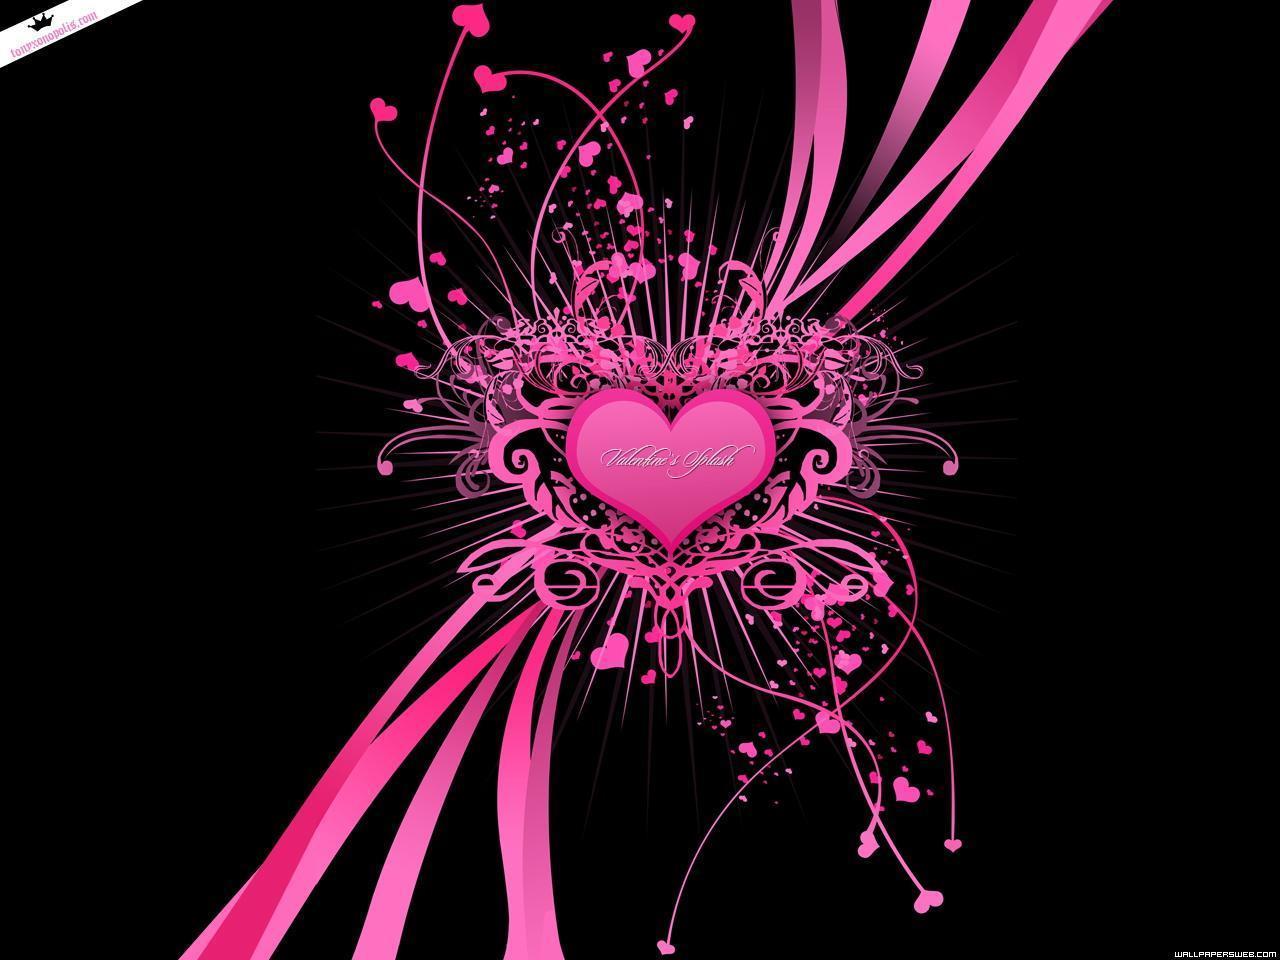 http://4.bp.blogspot.com/-gG7uDlVrU-A/TdT7QZyCWCI/AAAAAAAAAVU/PfVpHYopHuI/s1600/Love-Wallpaper-love-1096191_1280_960.jpg